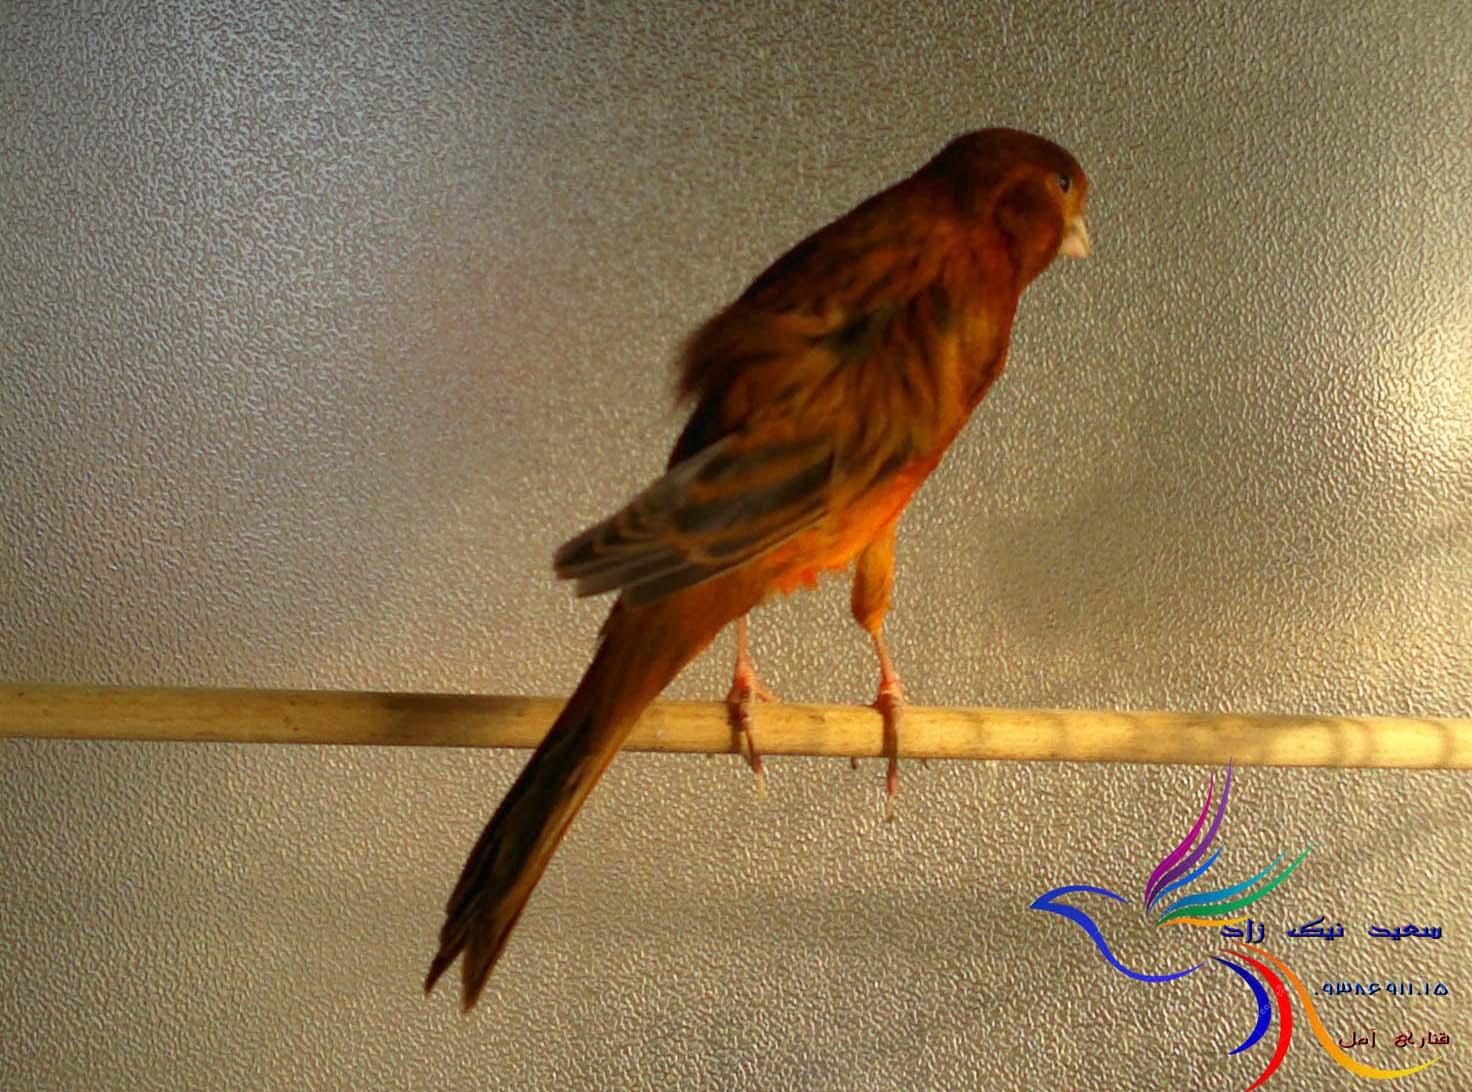 قناری سعید نیک زاد - saeed nikzad canary